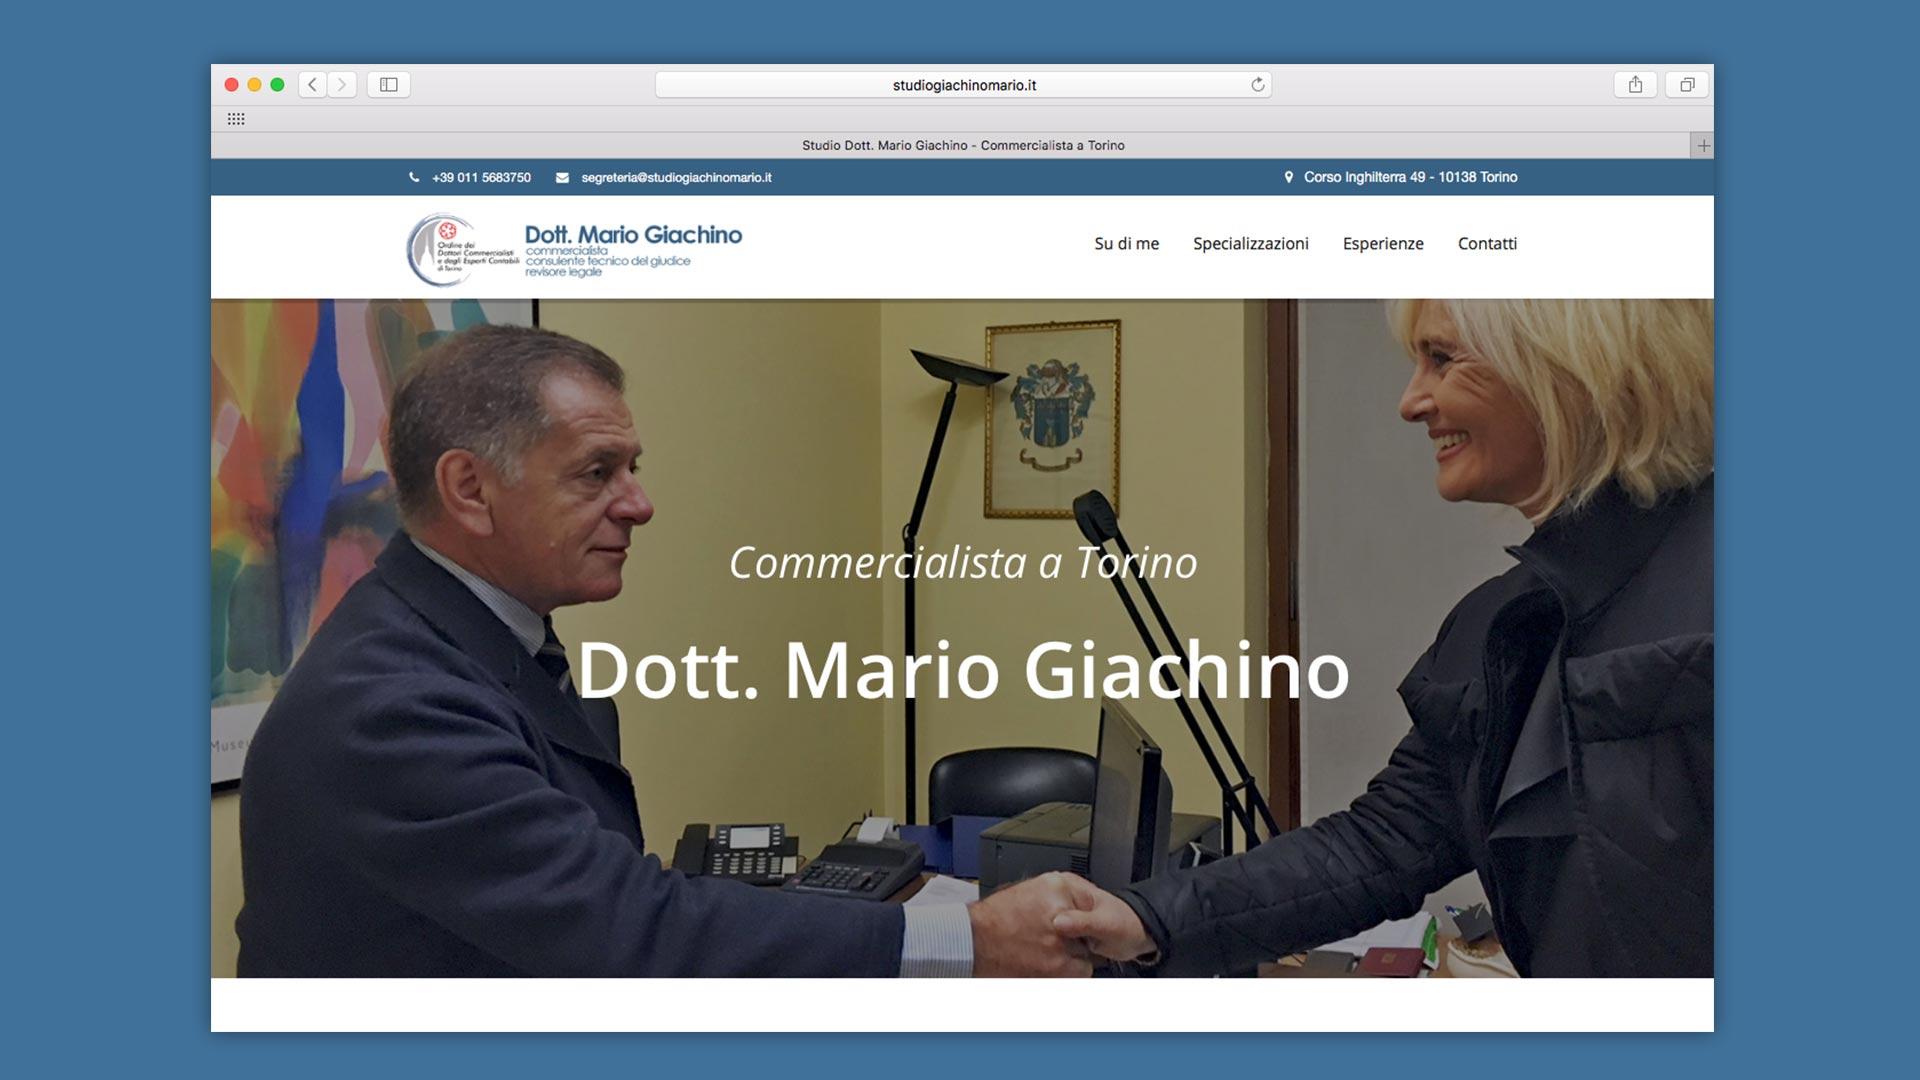 Dottor Mario Giachino Sito Web Home Commercialista Torino